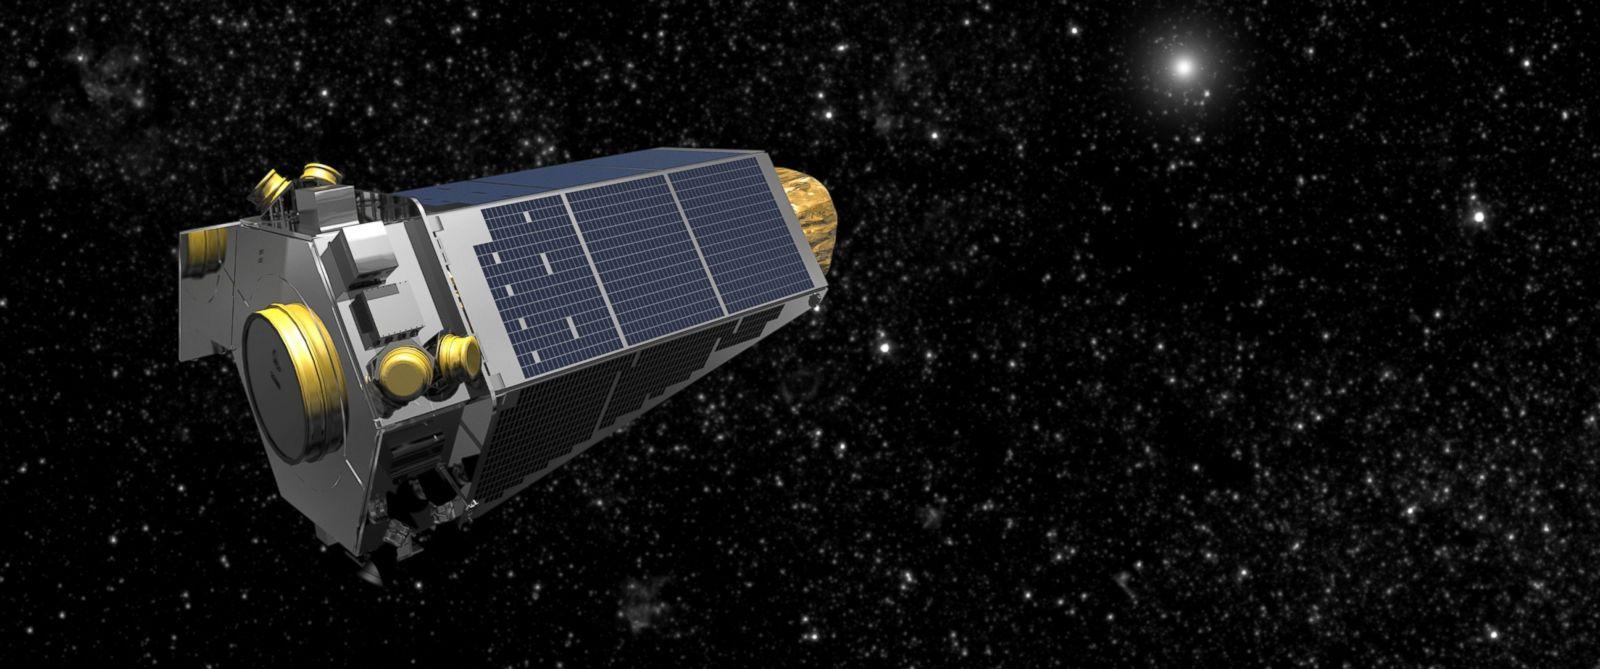 NASA Revives Kepler Space Telescope From Emergency Mode ...